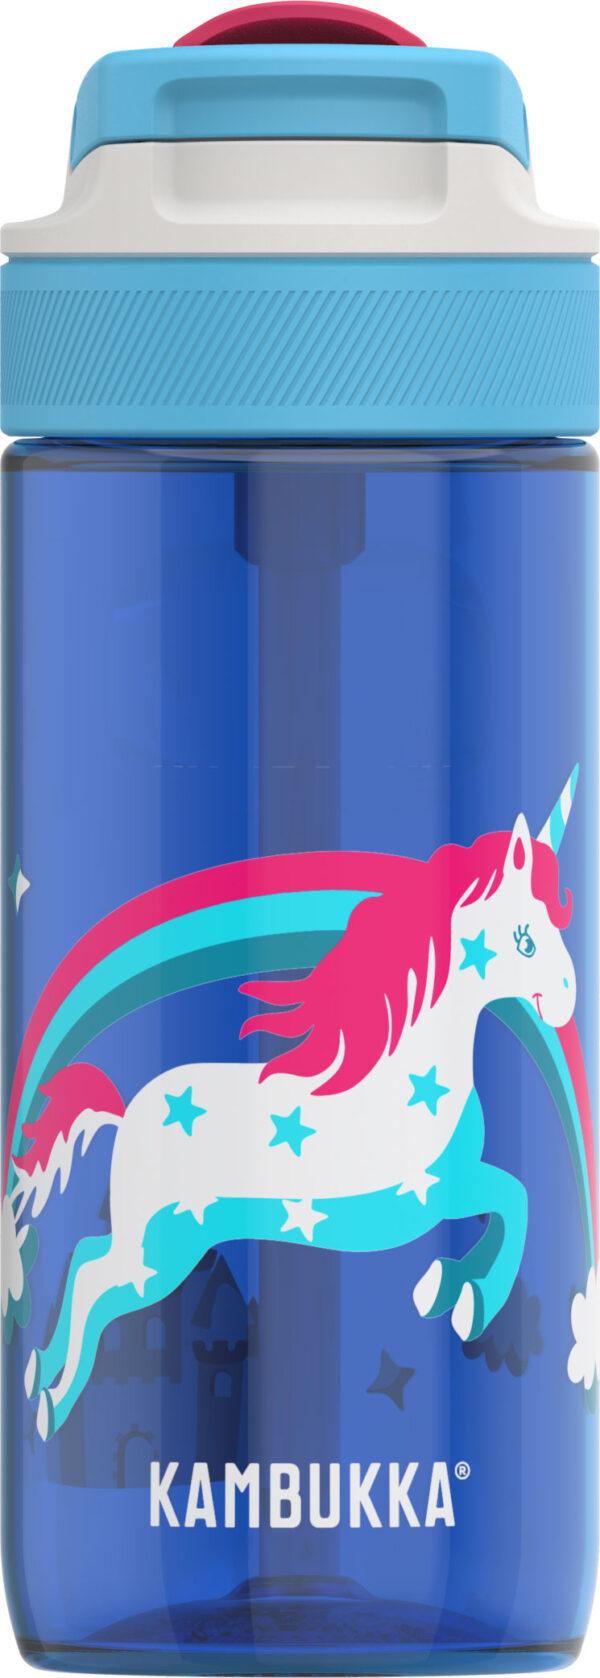 """בקבוק שתיה ילדים 500 מ""""ל כחול Kambukka Lagoon Rainbow Unicorn קמבוקה"""